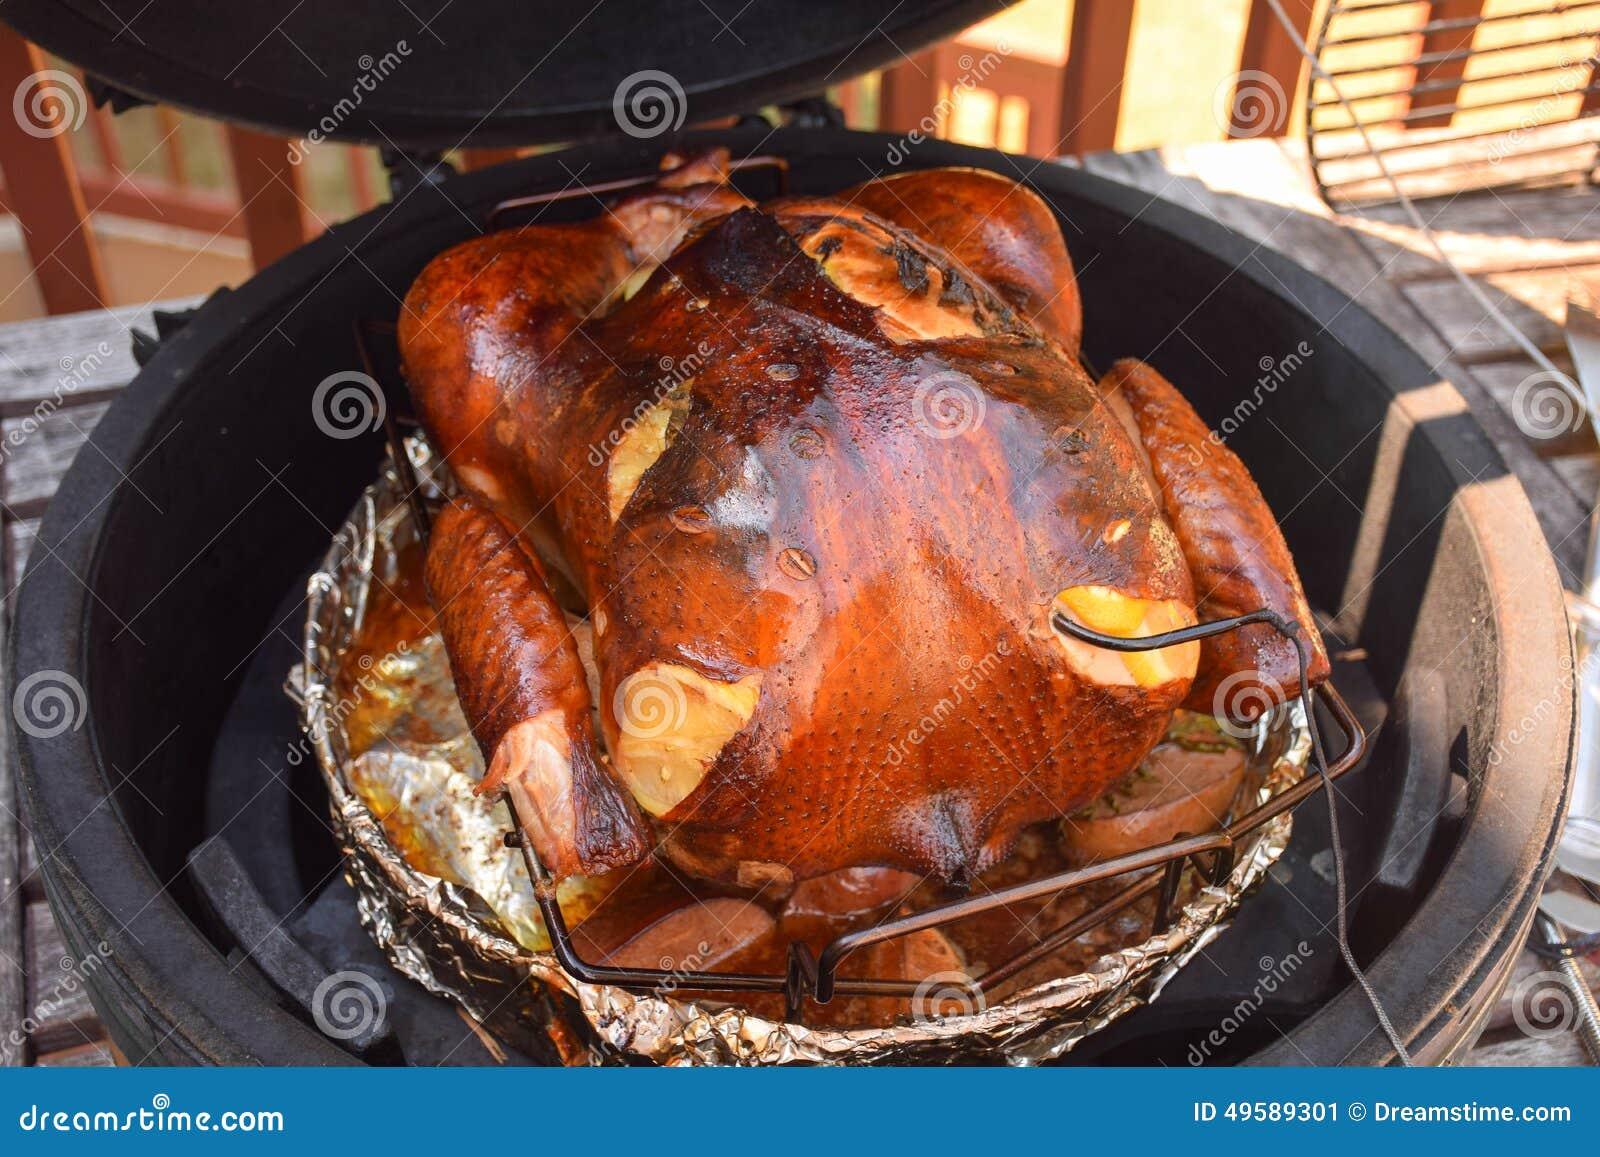 recipe: kamado smoked turkey [6]